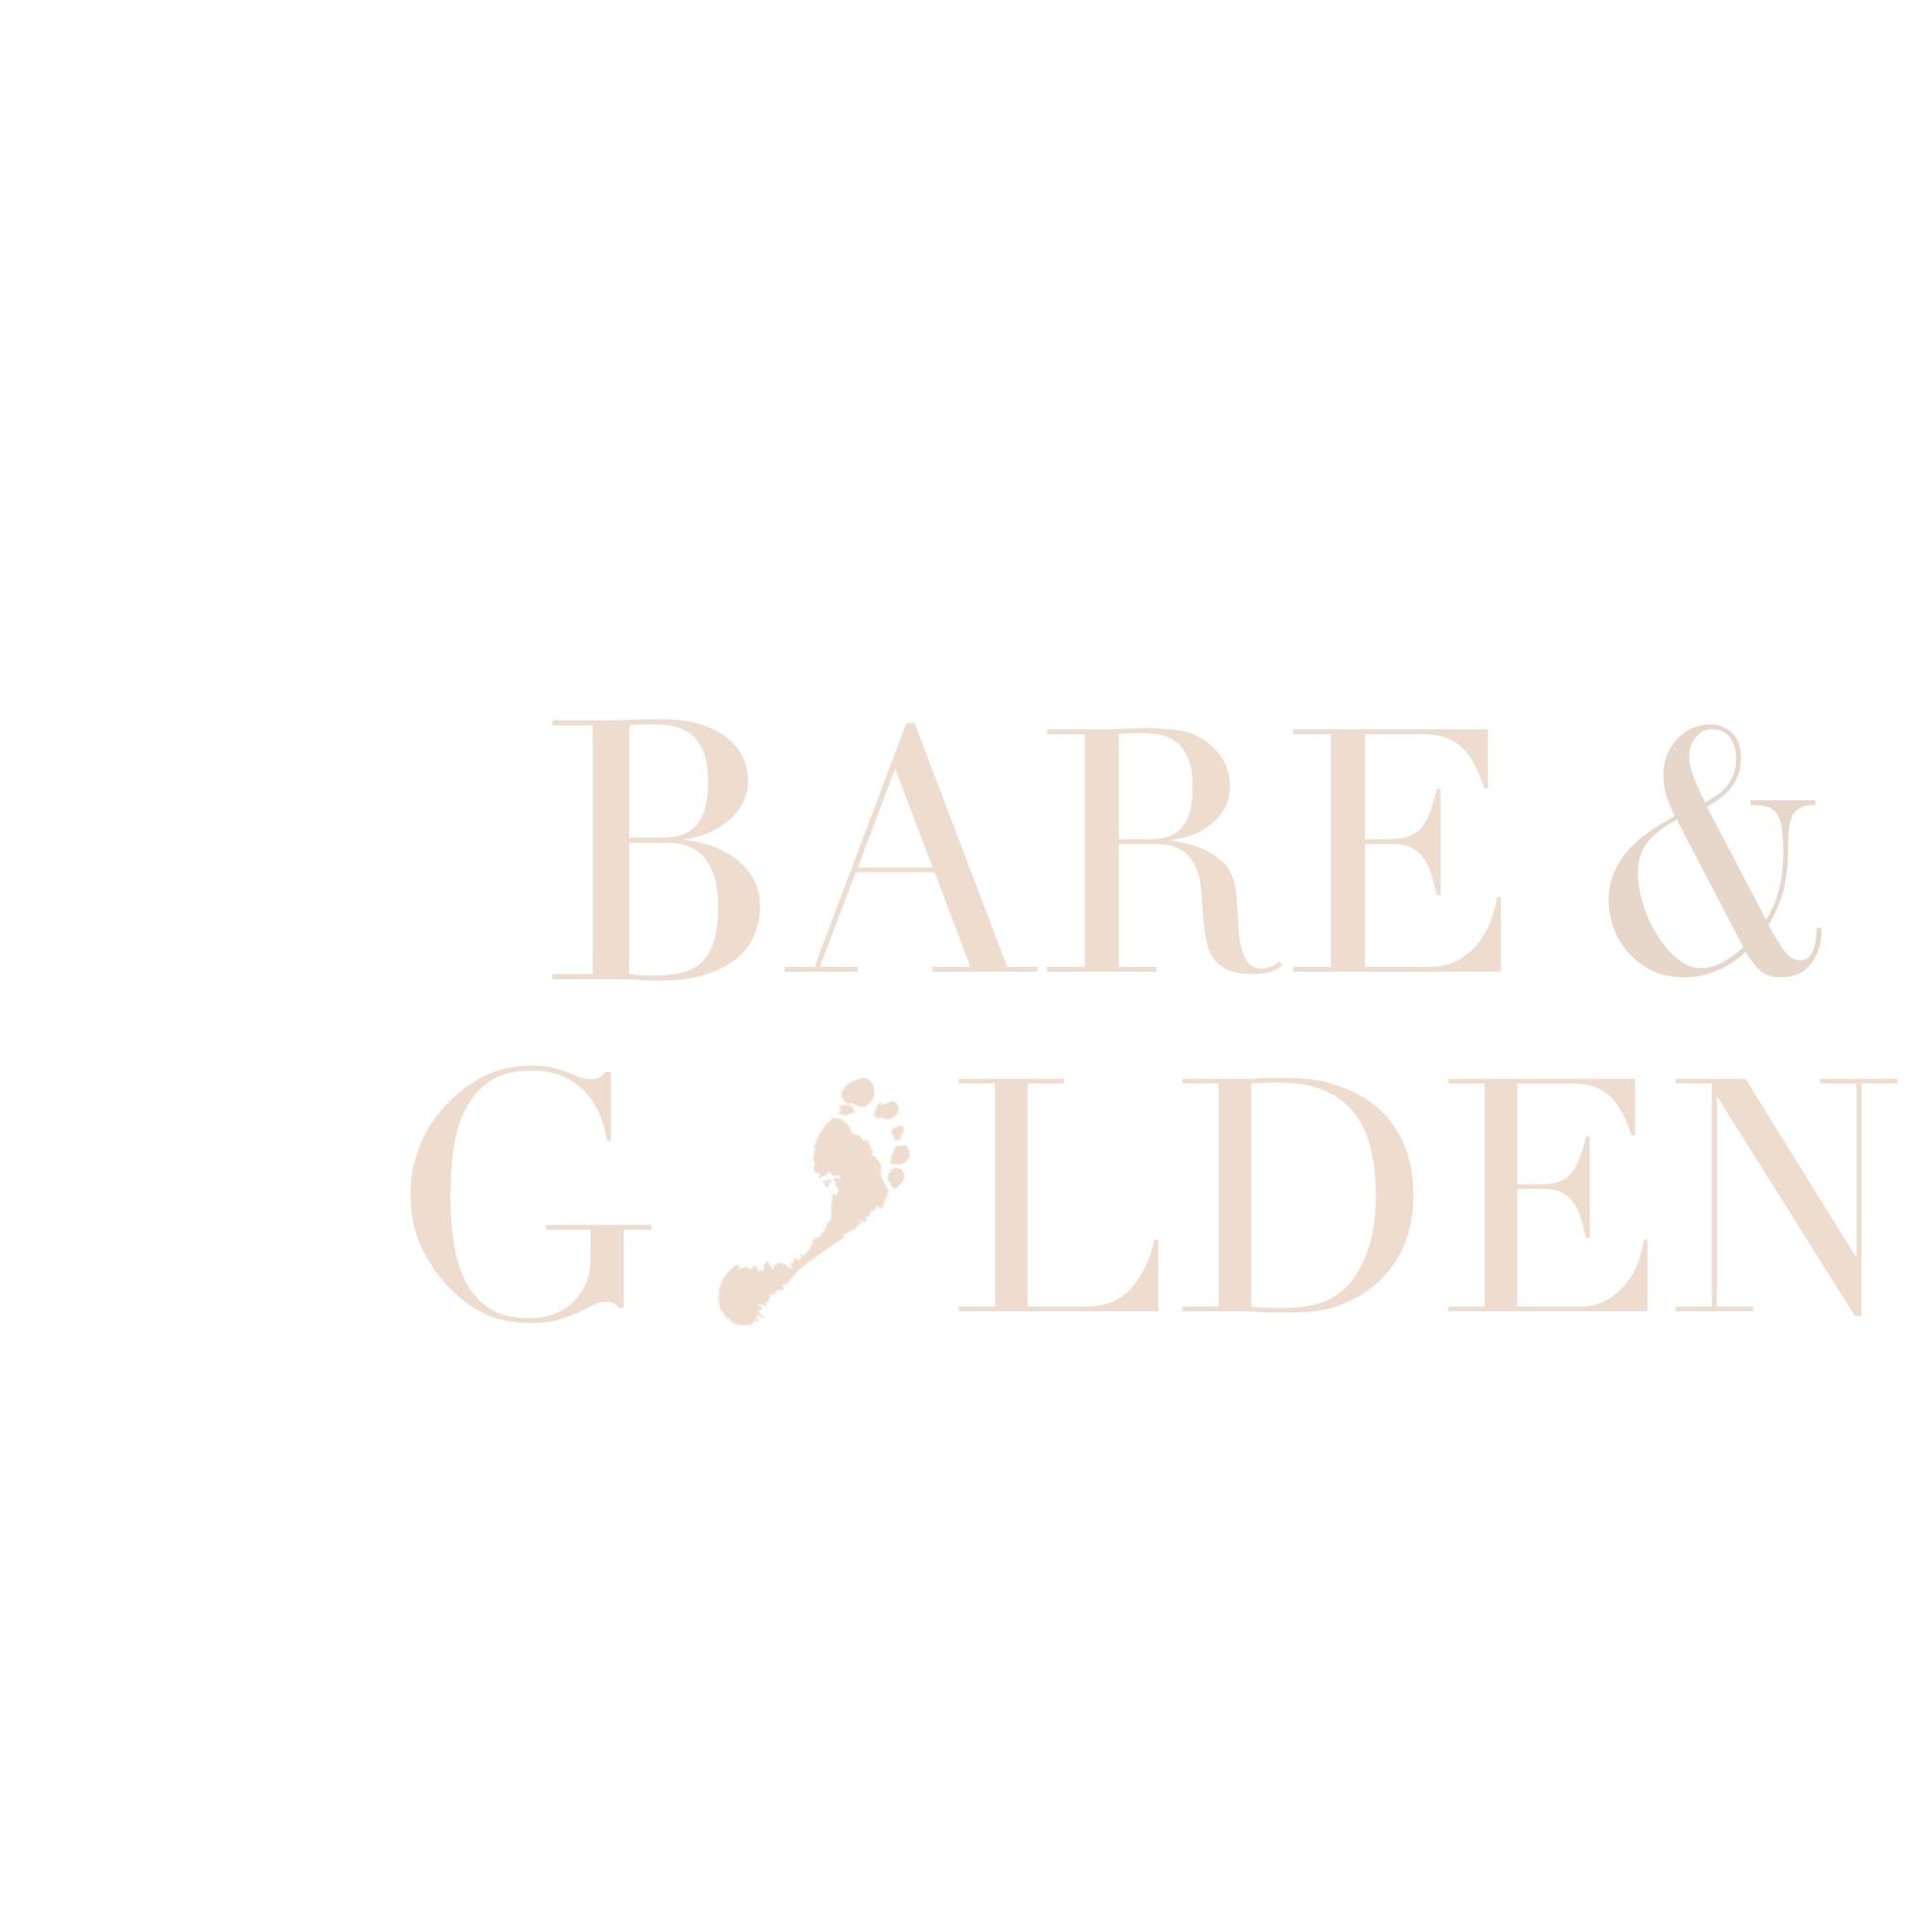 Bare & Golden